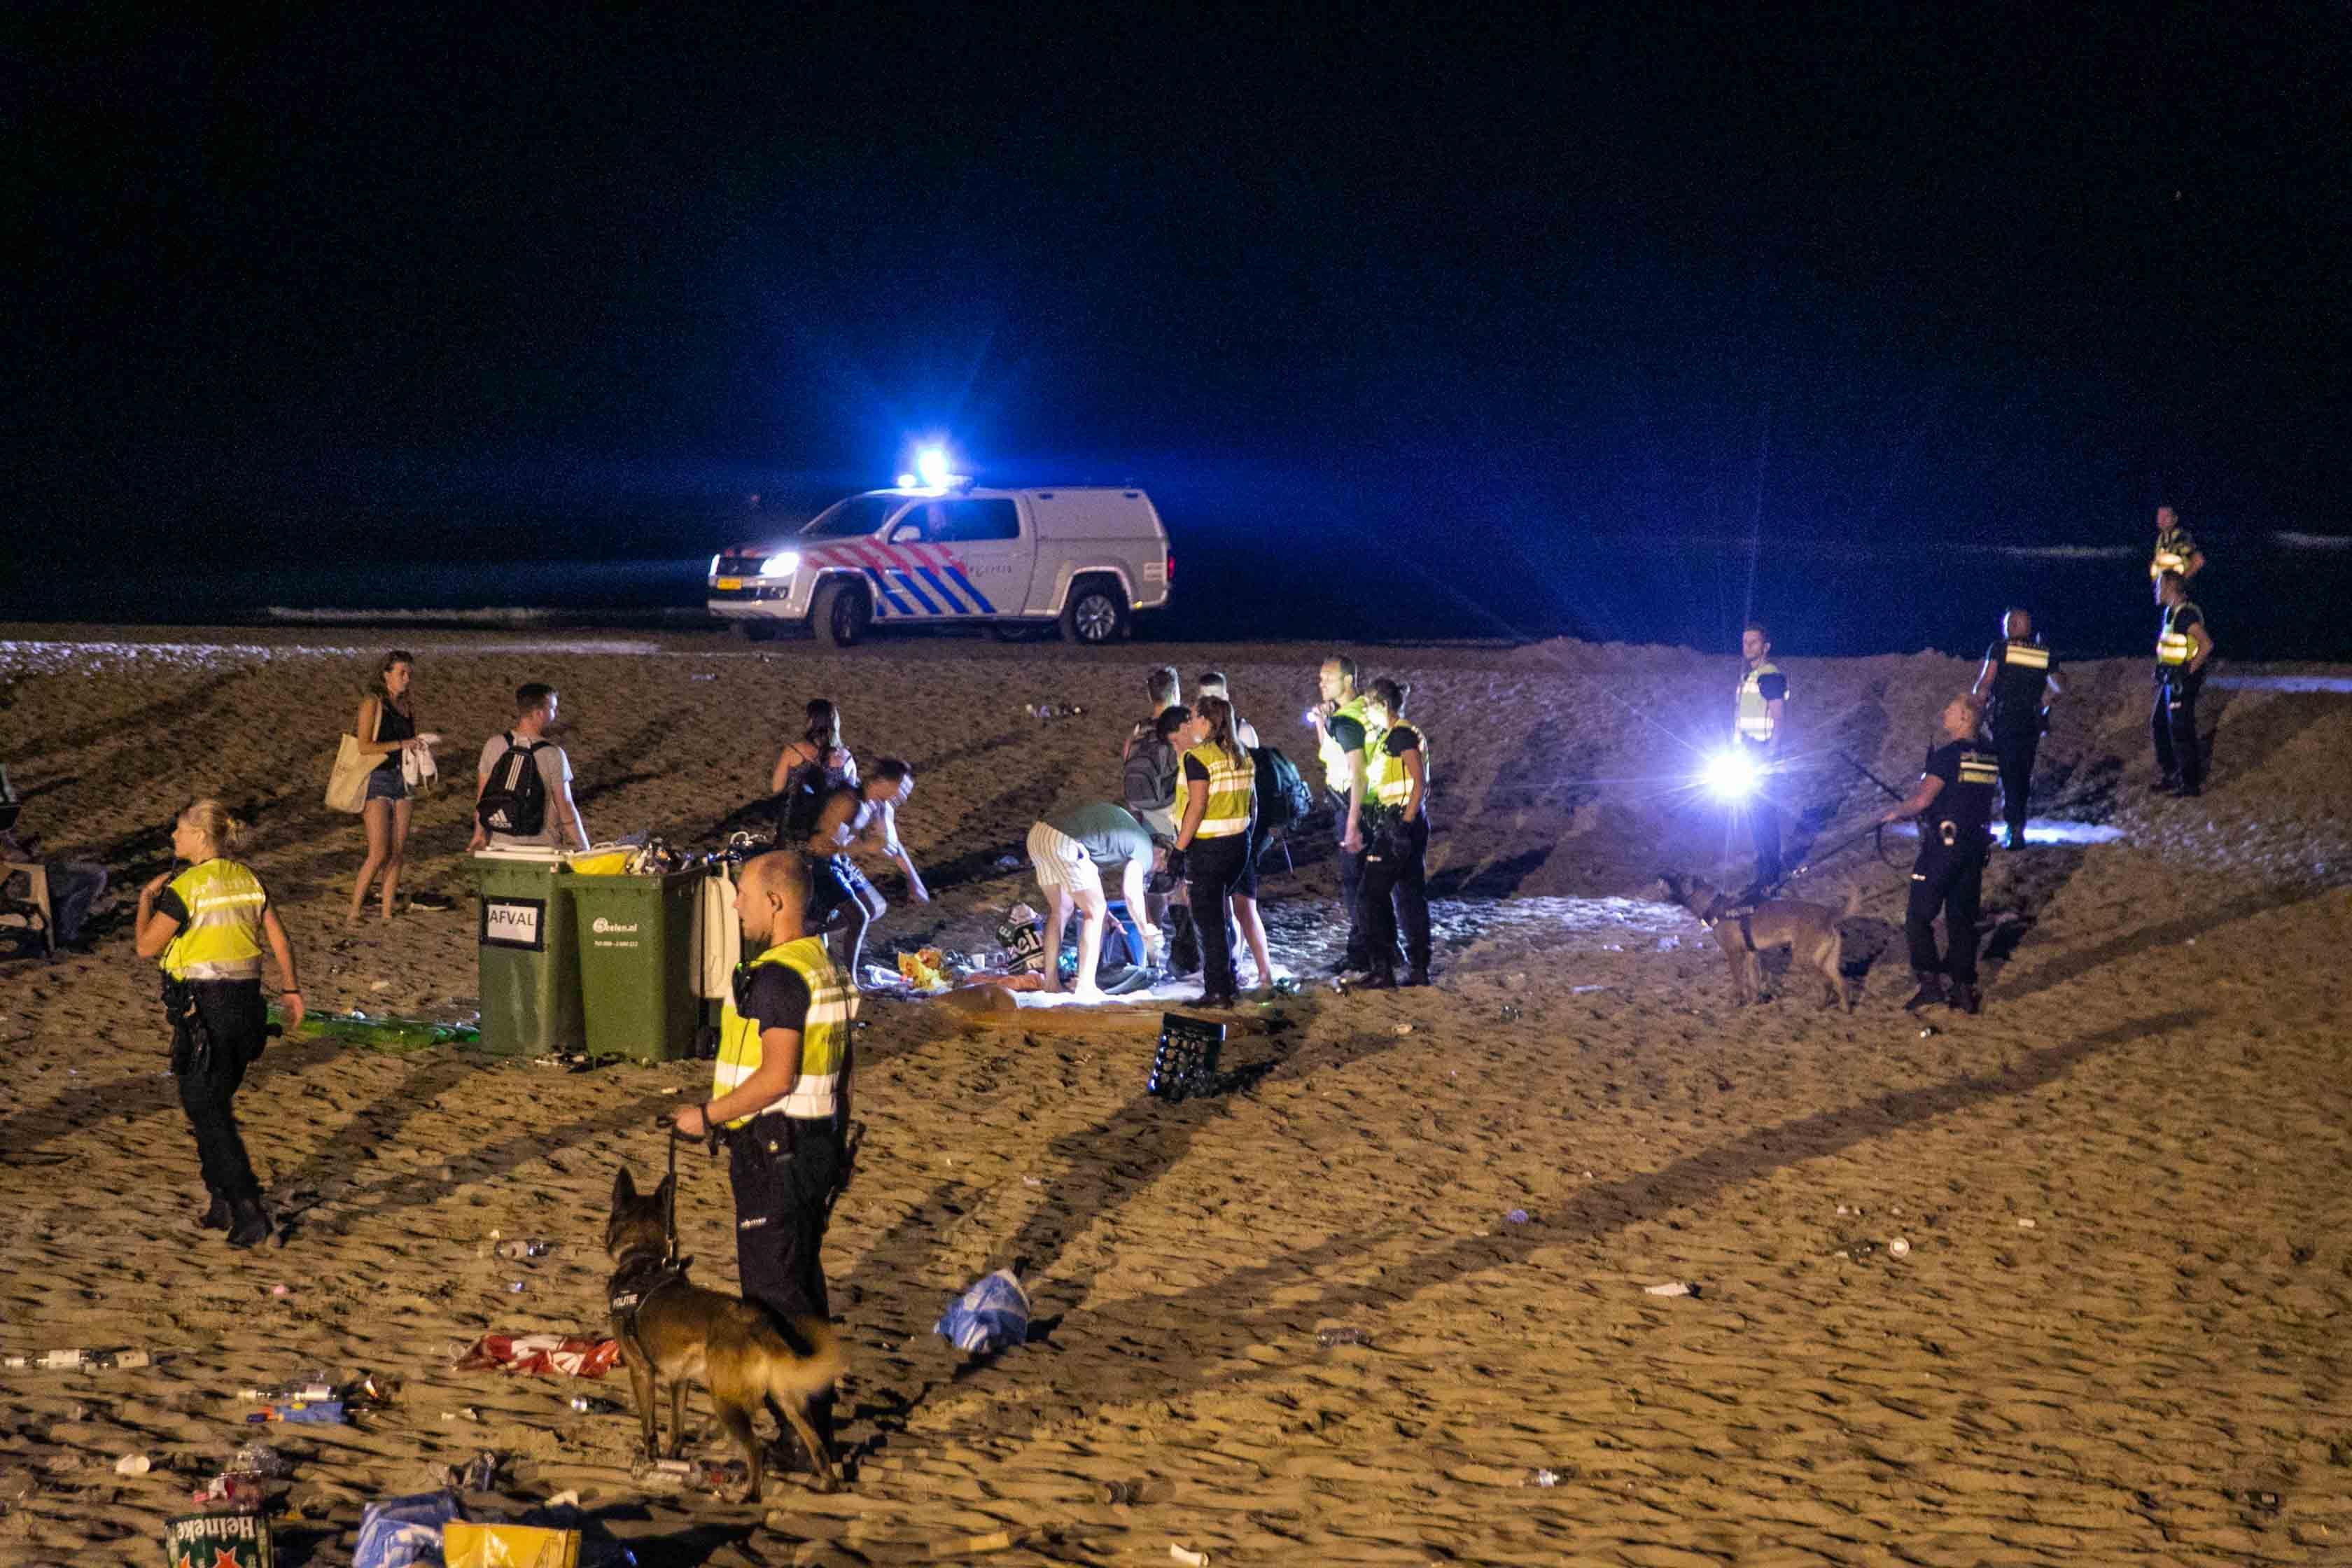 Locoburgemeester Wijkhuijsen zwaar teleurgesteld na 'schoonvegen' strand bij Bloemendaal: 'De discipline is er echt uit'